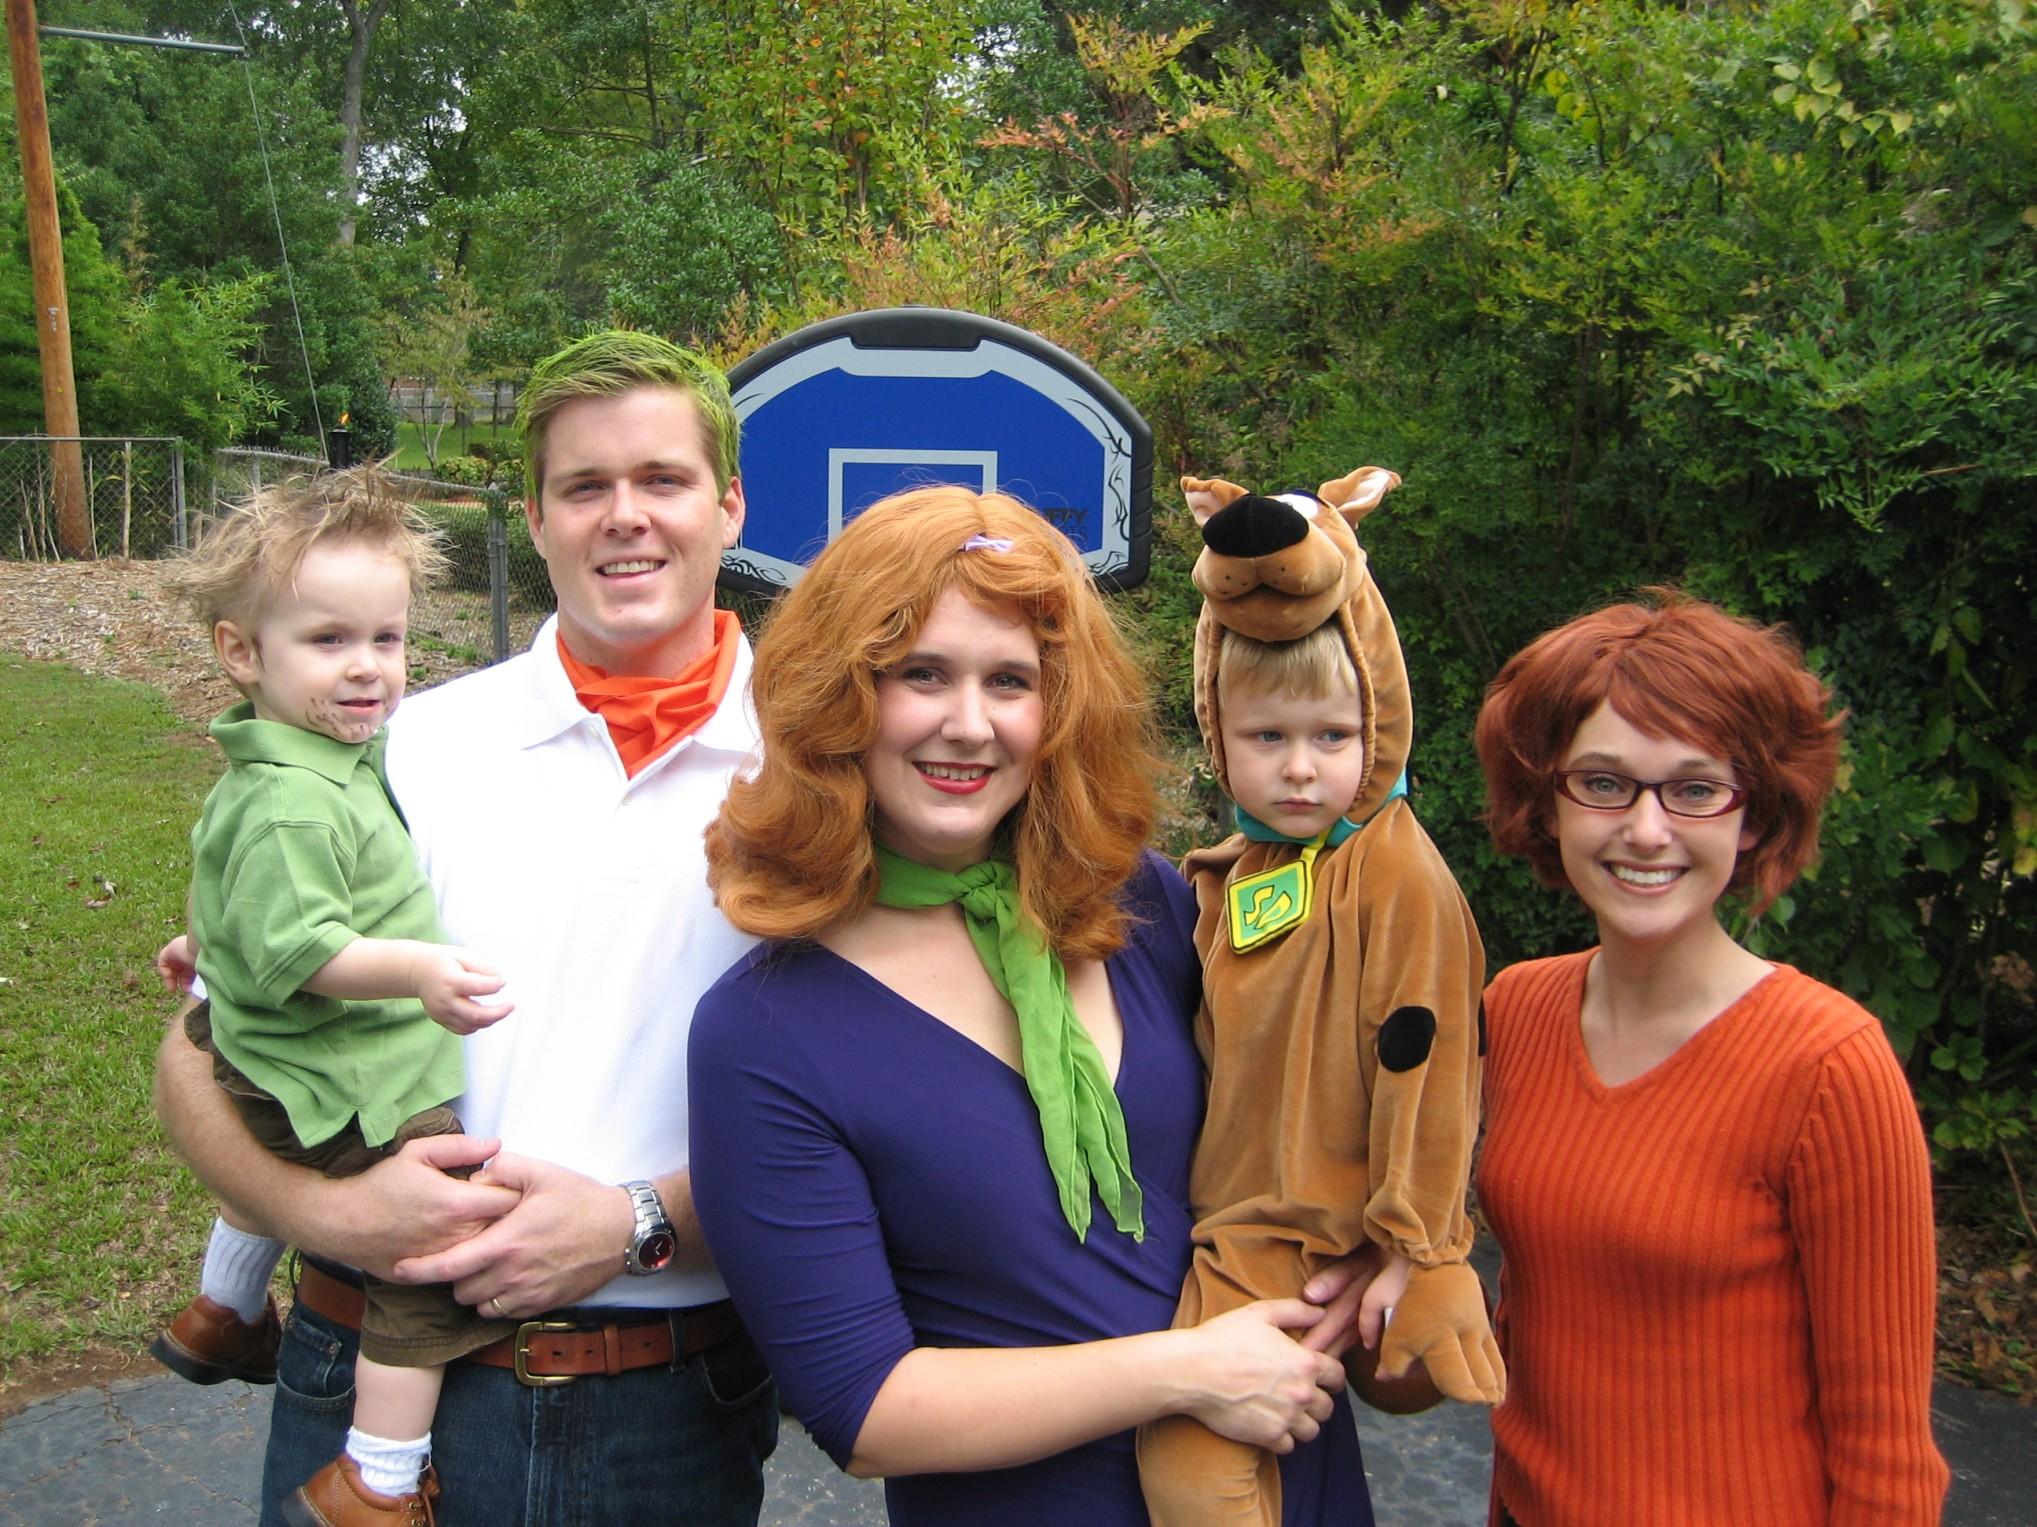 The ScoobyFamily